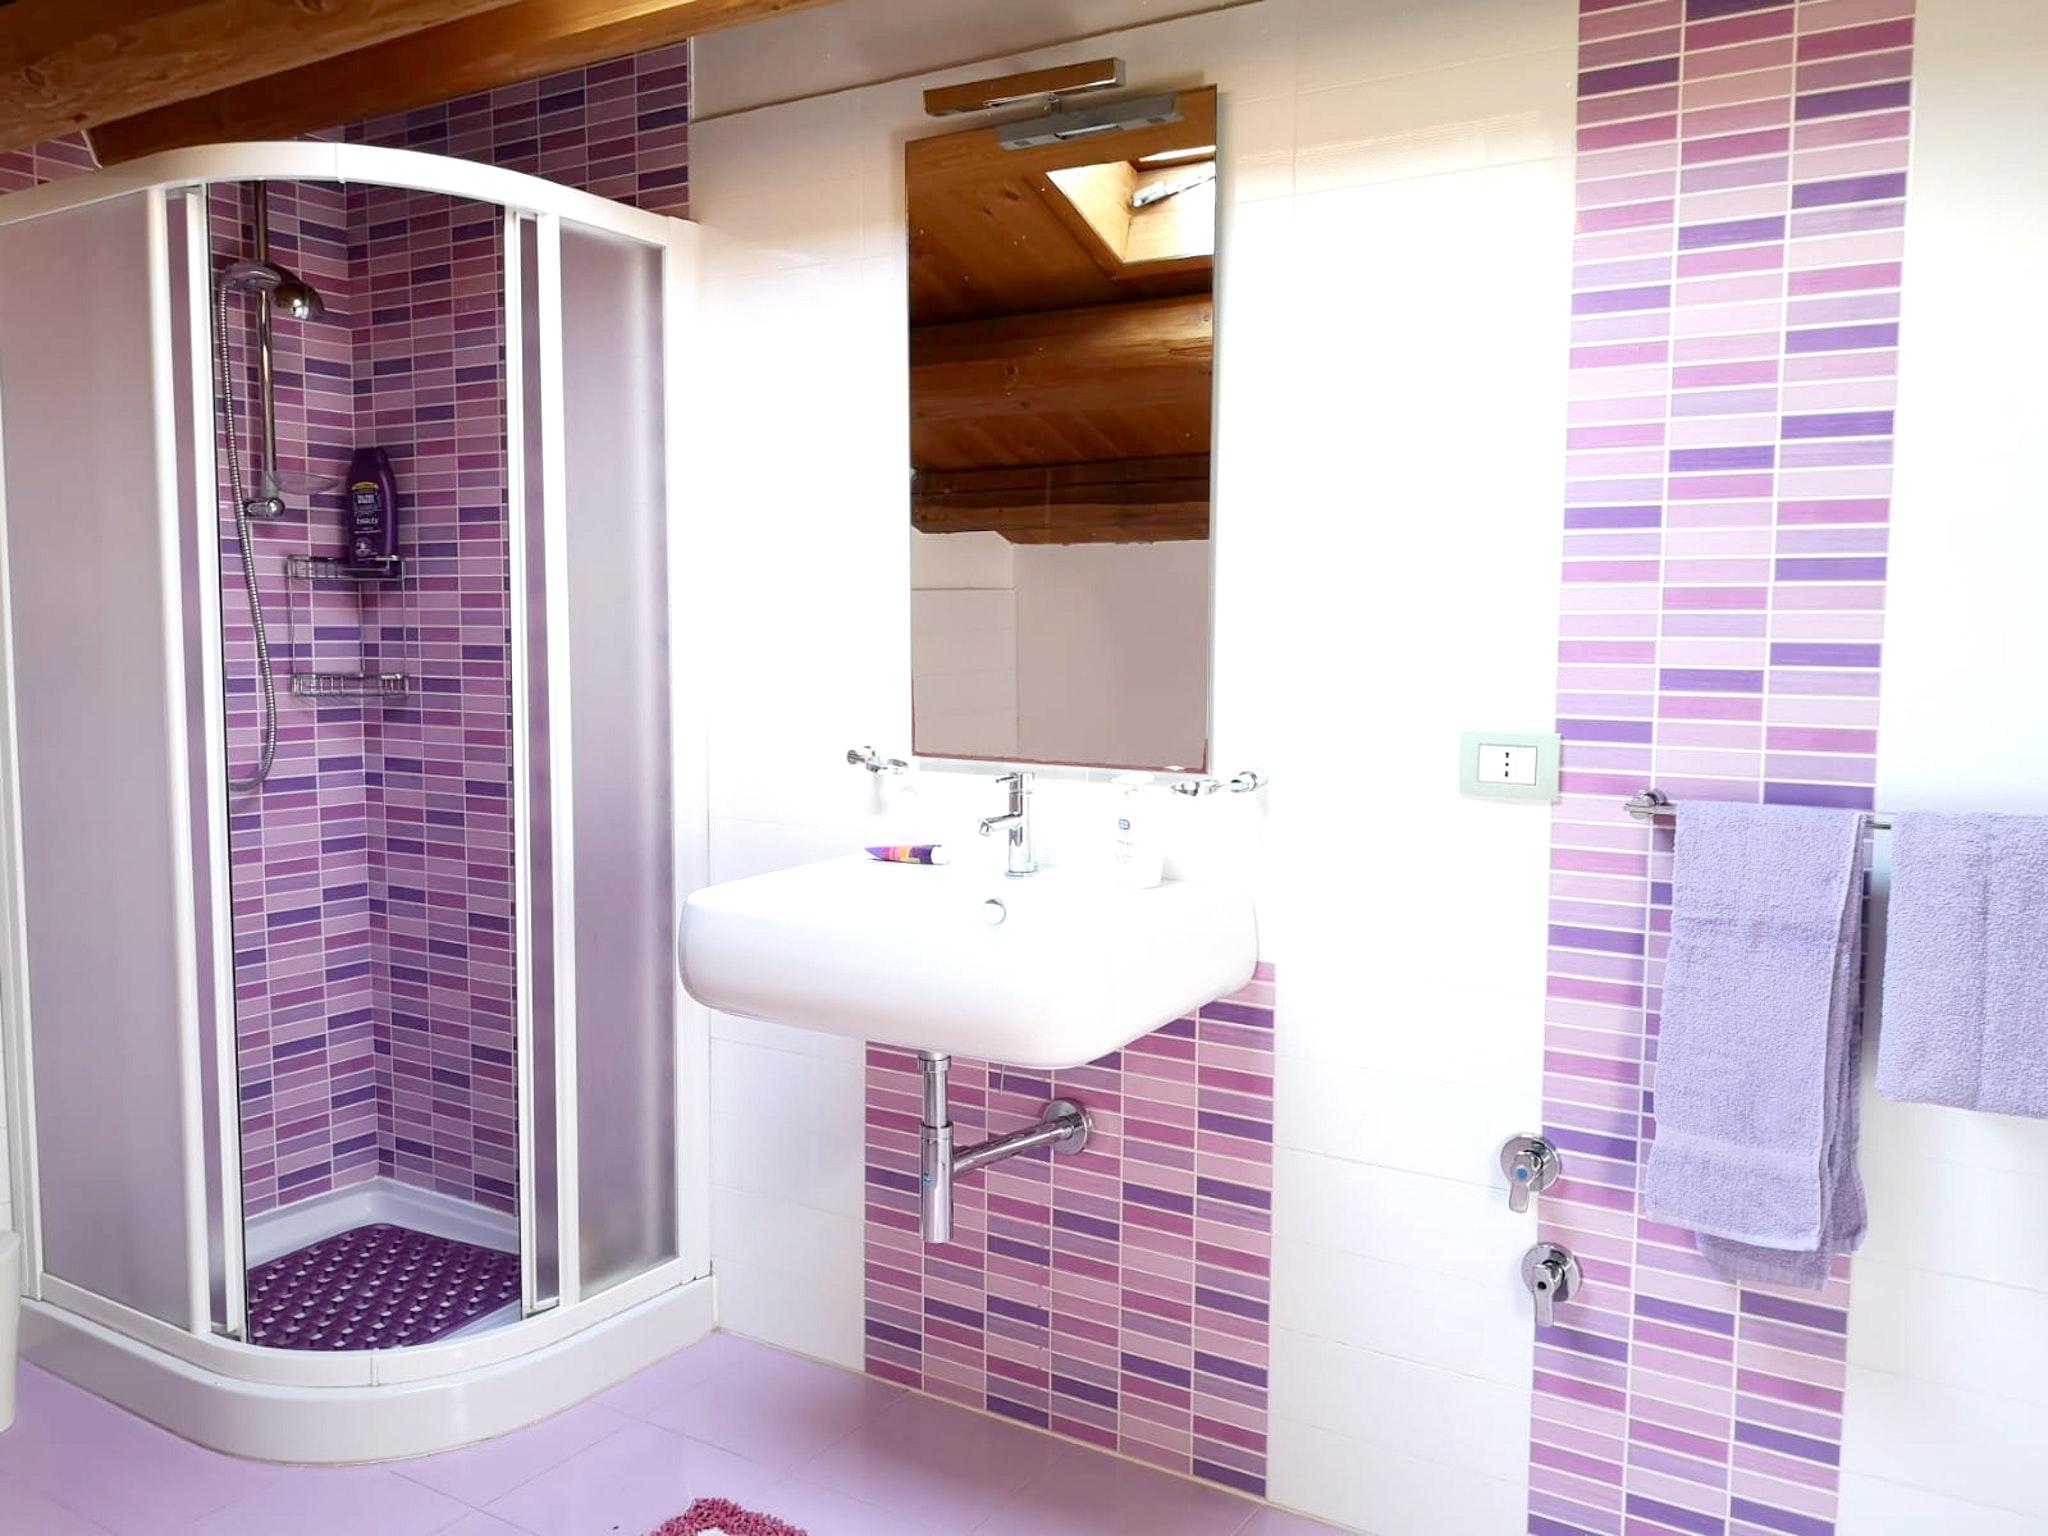 Maison de vacances Villa mit 4 Schlafzimmern in Scicli mit privatem Pool, eingezäuntem Garten und W-LAN - 300 (2617979), Scicli, Ragusa, Sicile, Italie, image 7